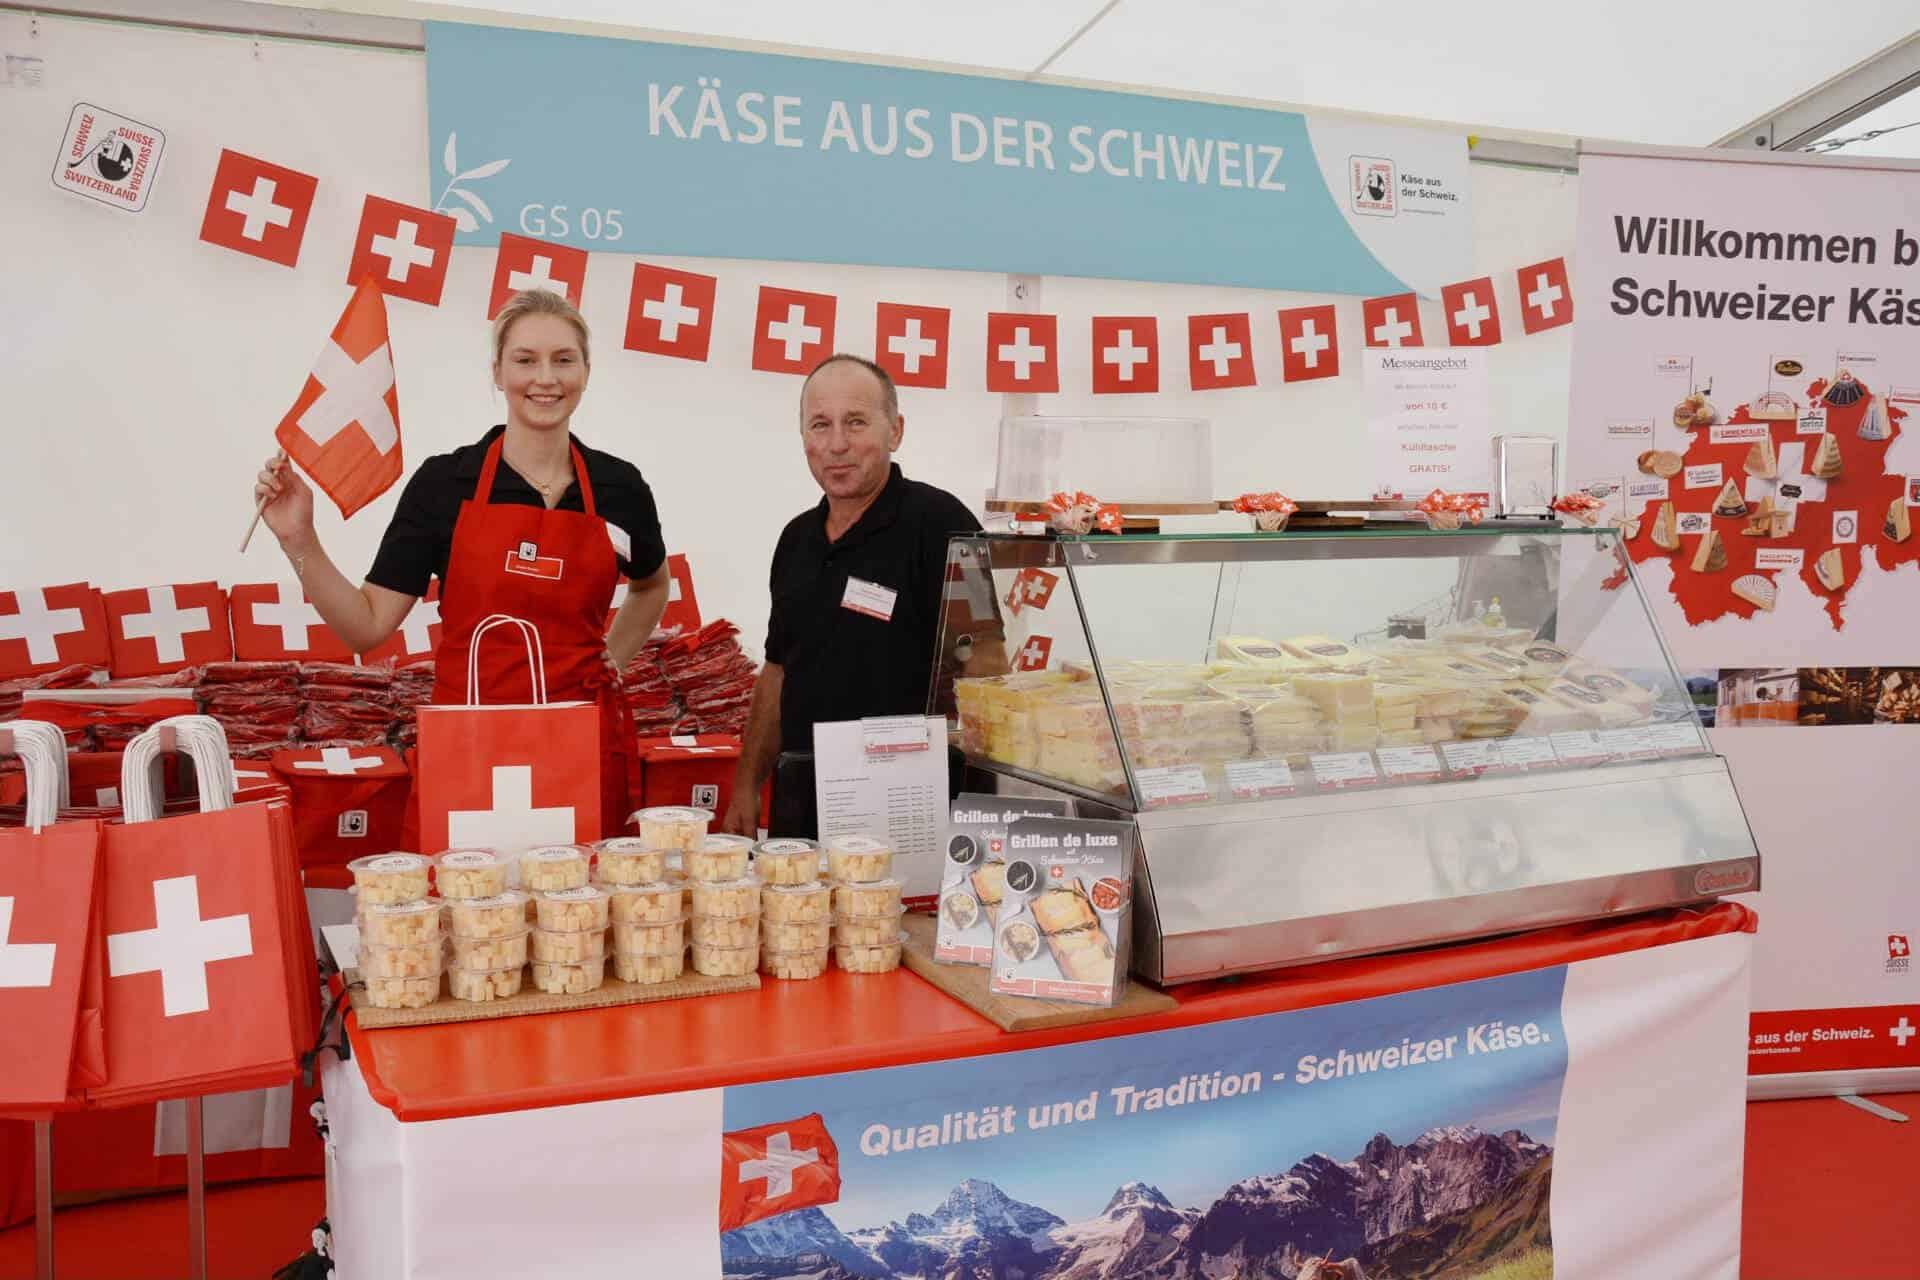 Kaese aus der Schweiz Taste Munich